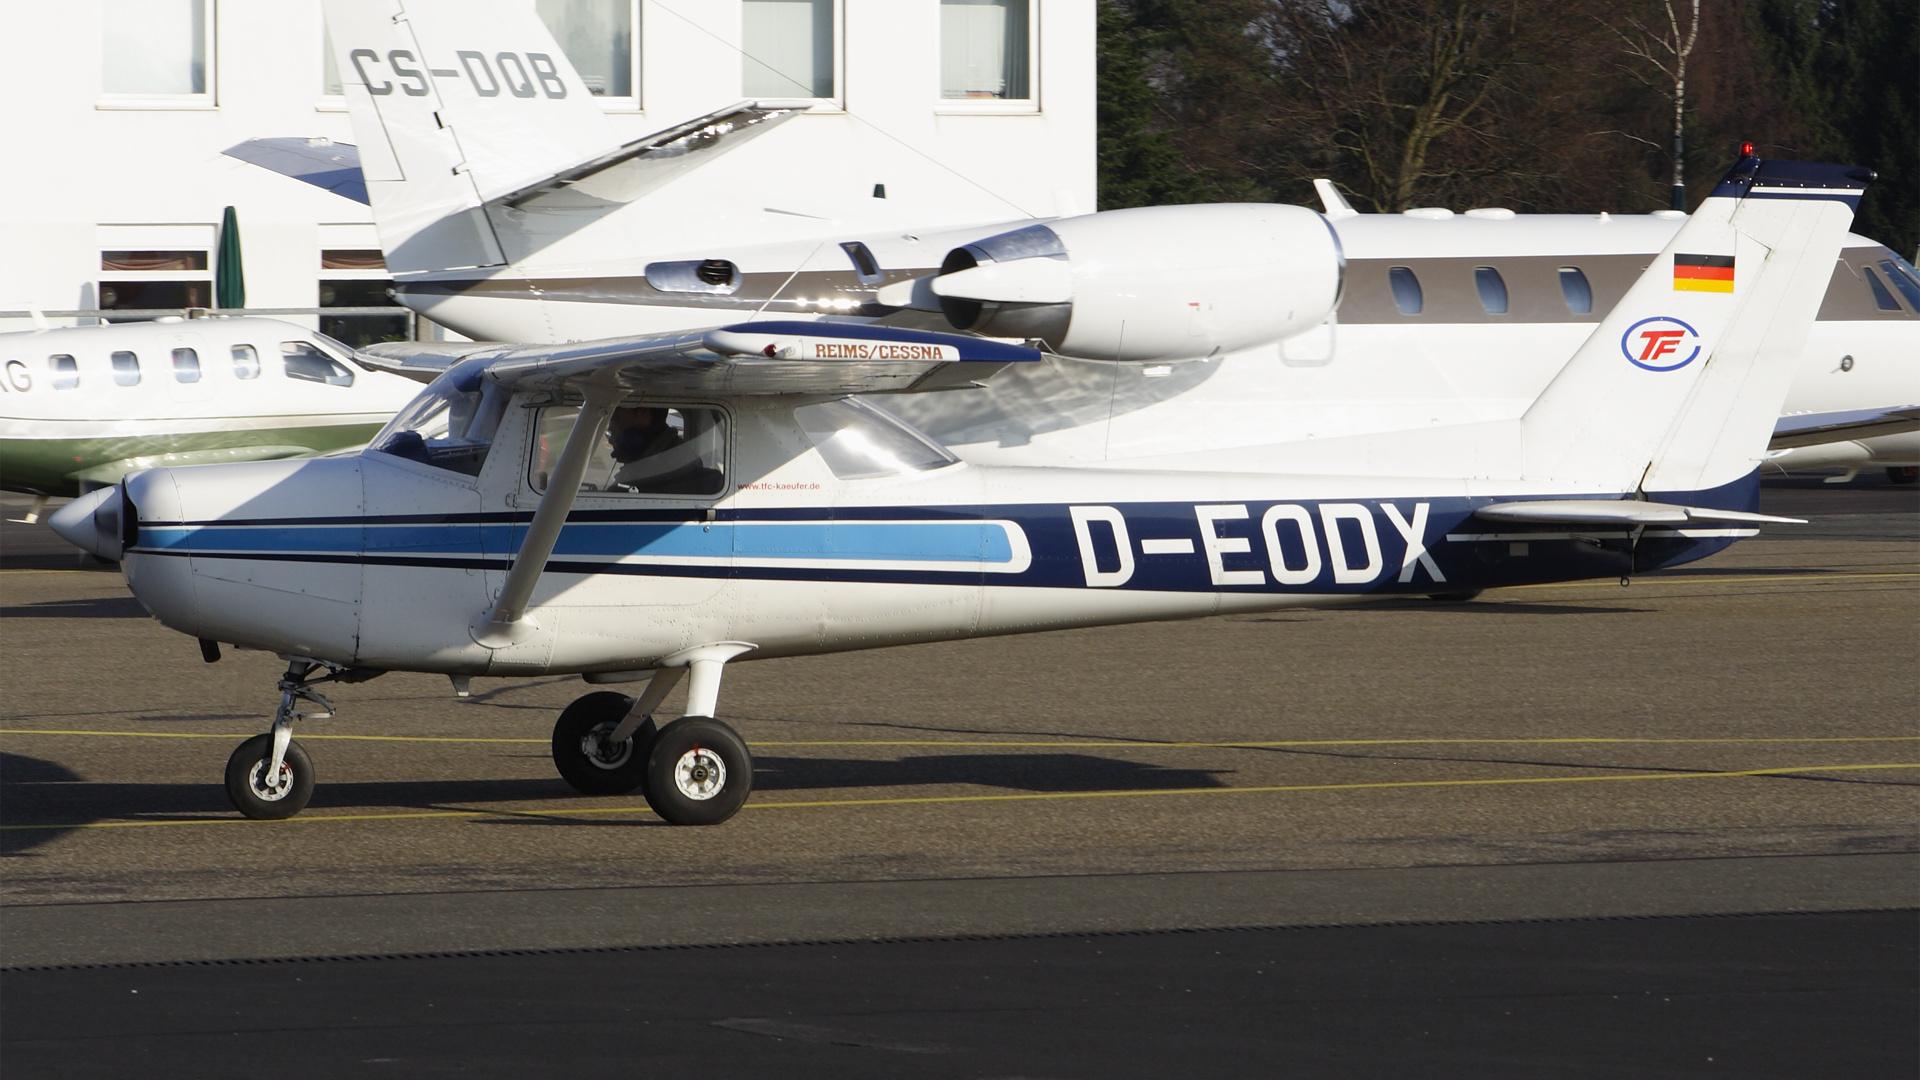 D-EODX-1 C152  ESS 200904